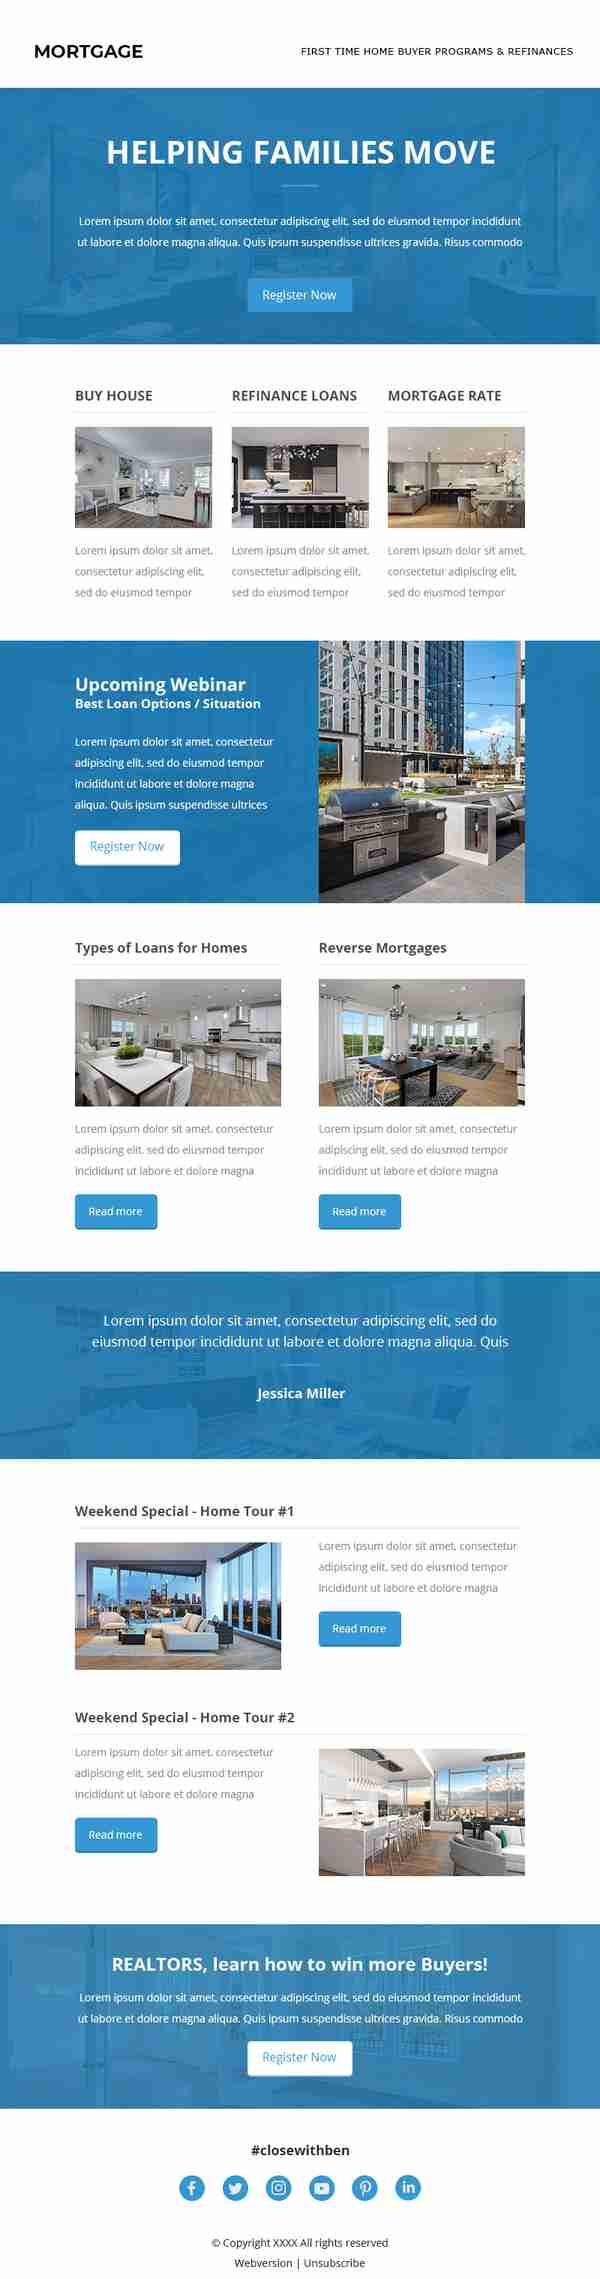 Email Marketing Design for Real Estate & Mortgage Industry - SKU: EM0601 - 247101